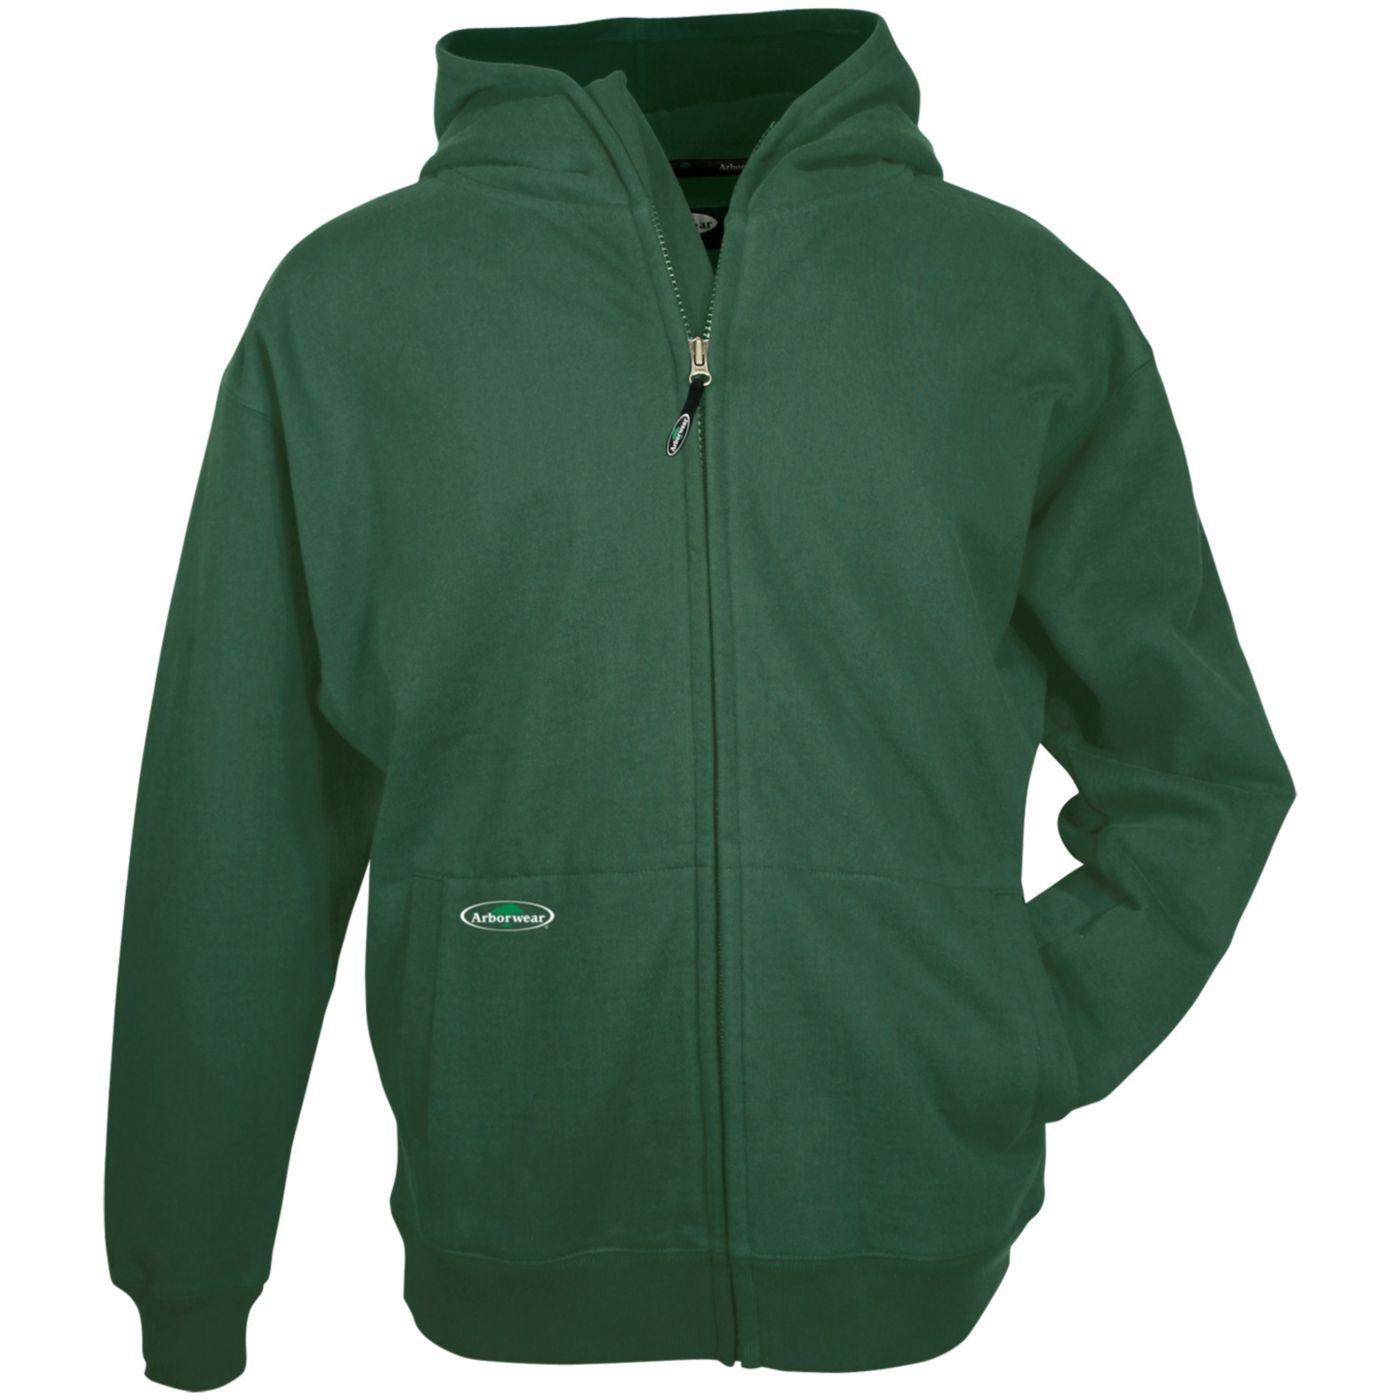 Arborwear Men's Single Thick Full Zip Hoodie